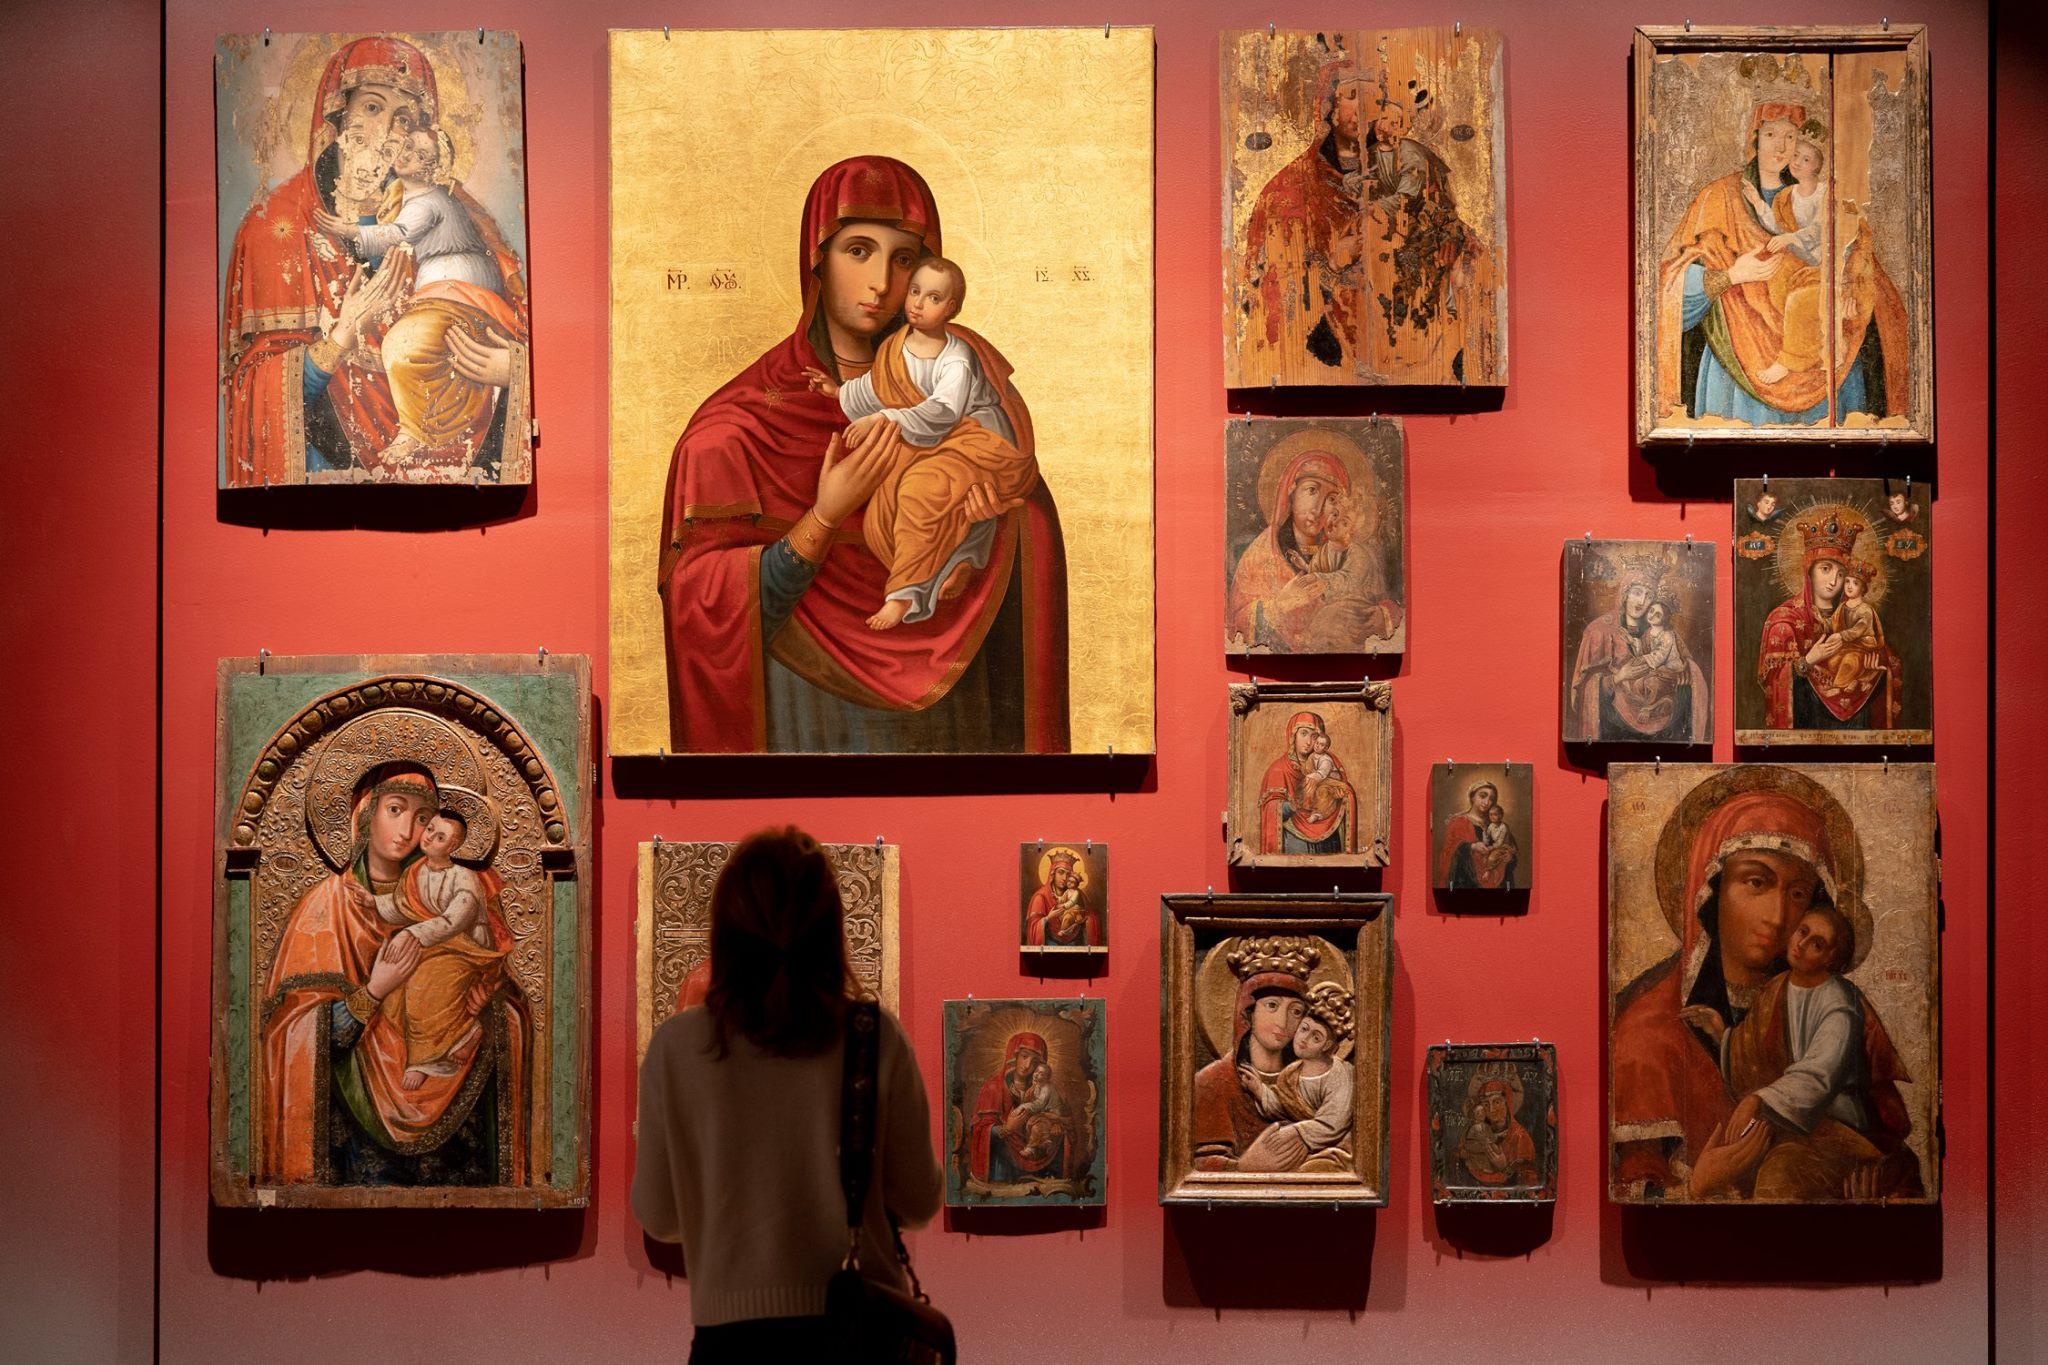 Непопсовый WeekEnd: 12 выставок Киева, которые надо посетить